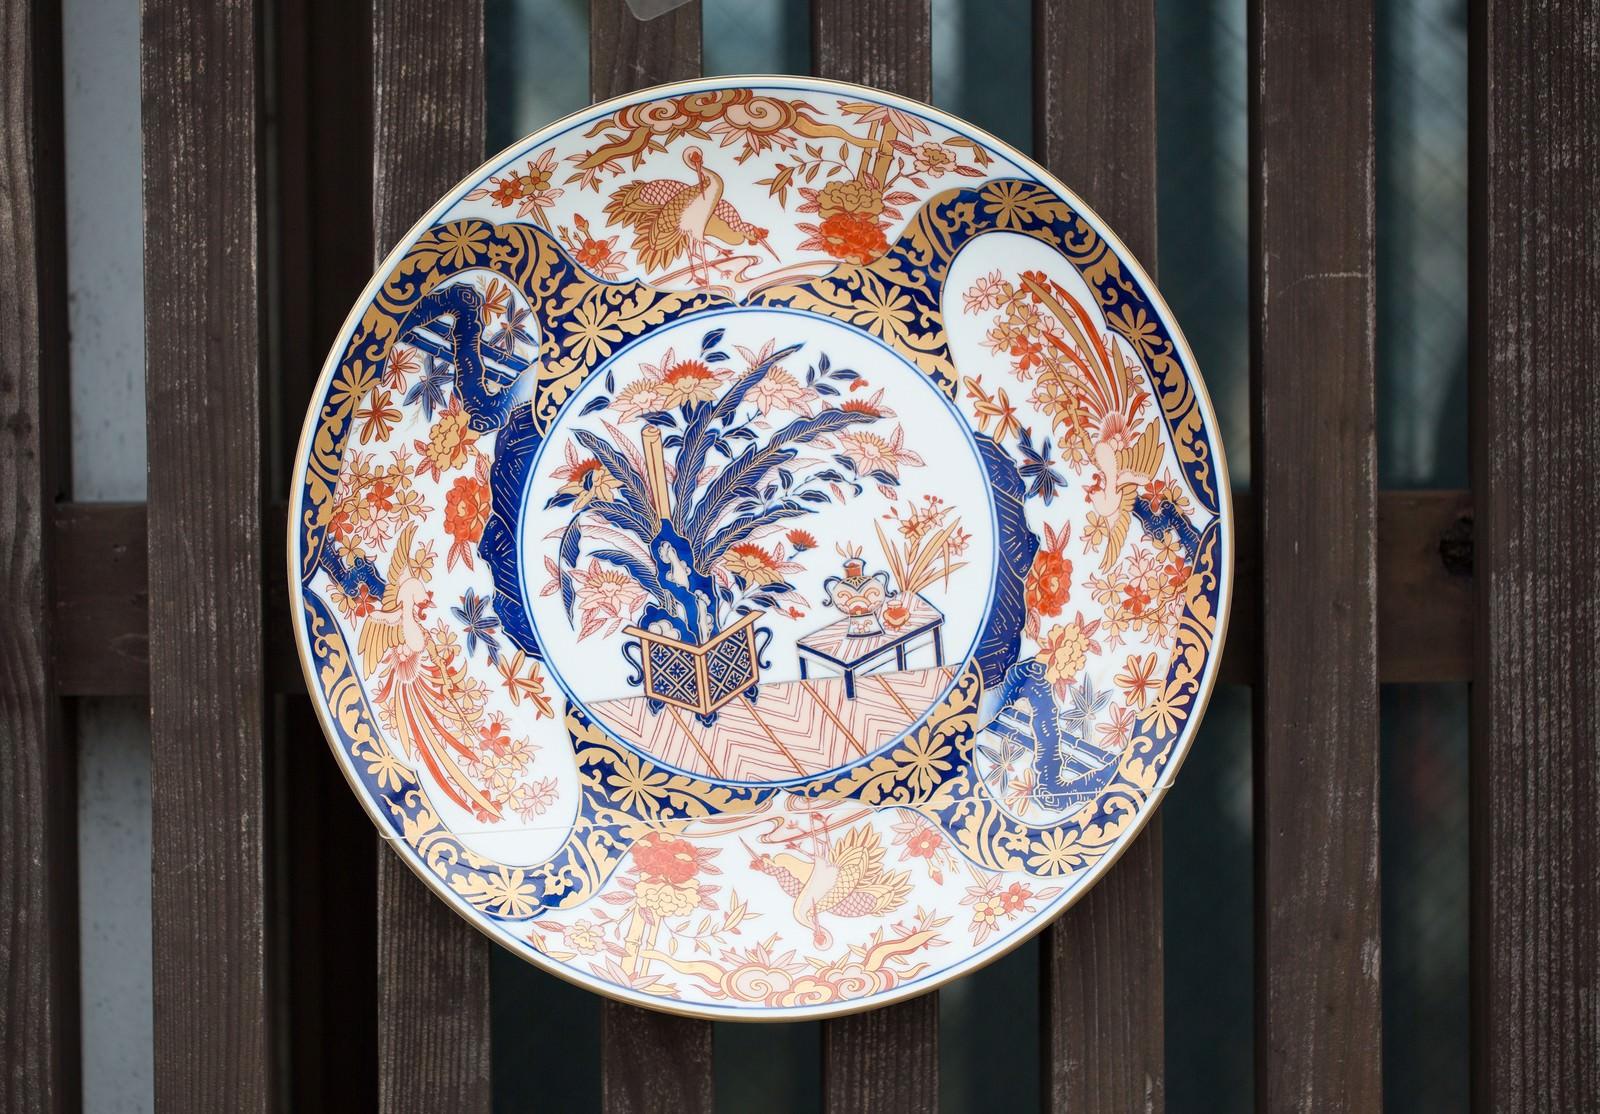 「取り付けられた伊万里焼のお皿取り付けられた伊万里焼のお皿」のフリー写真素材を拡大